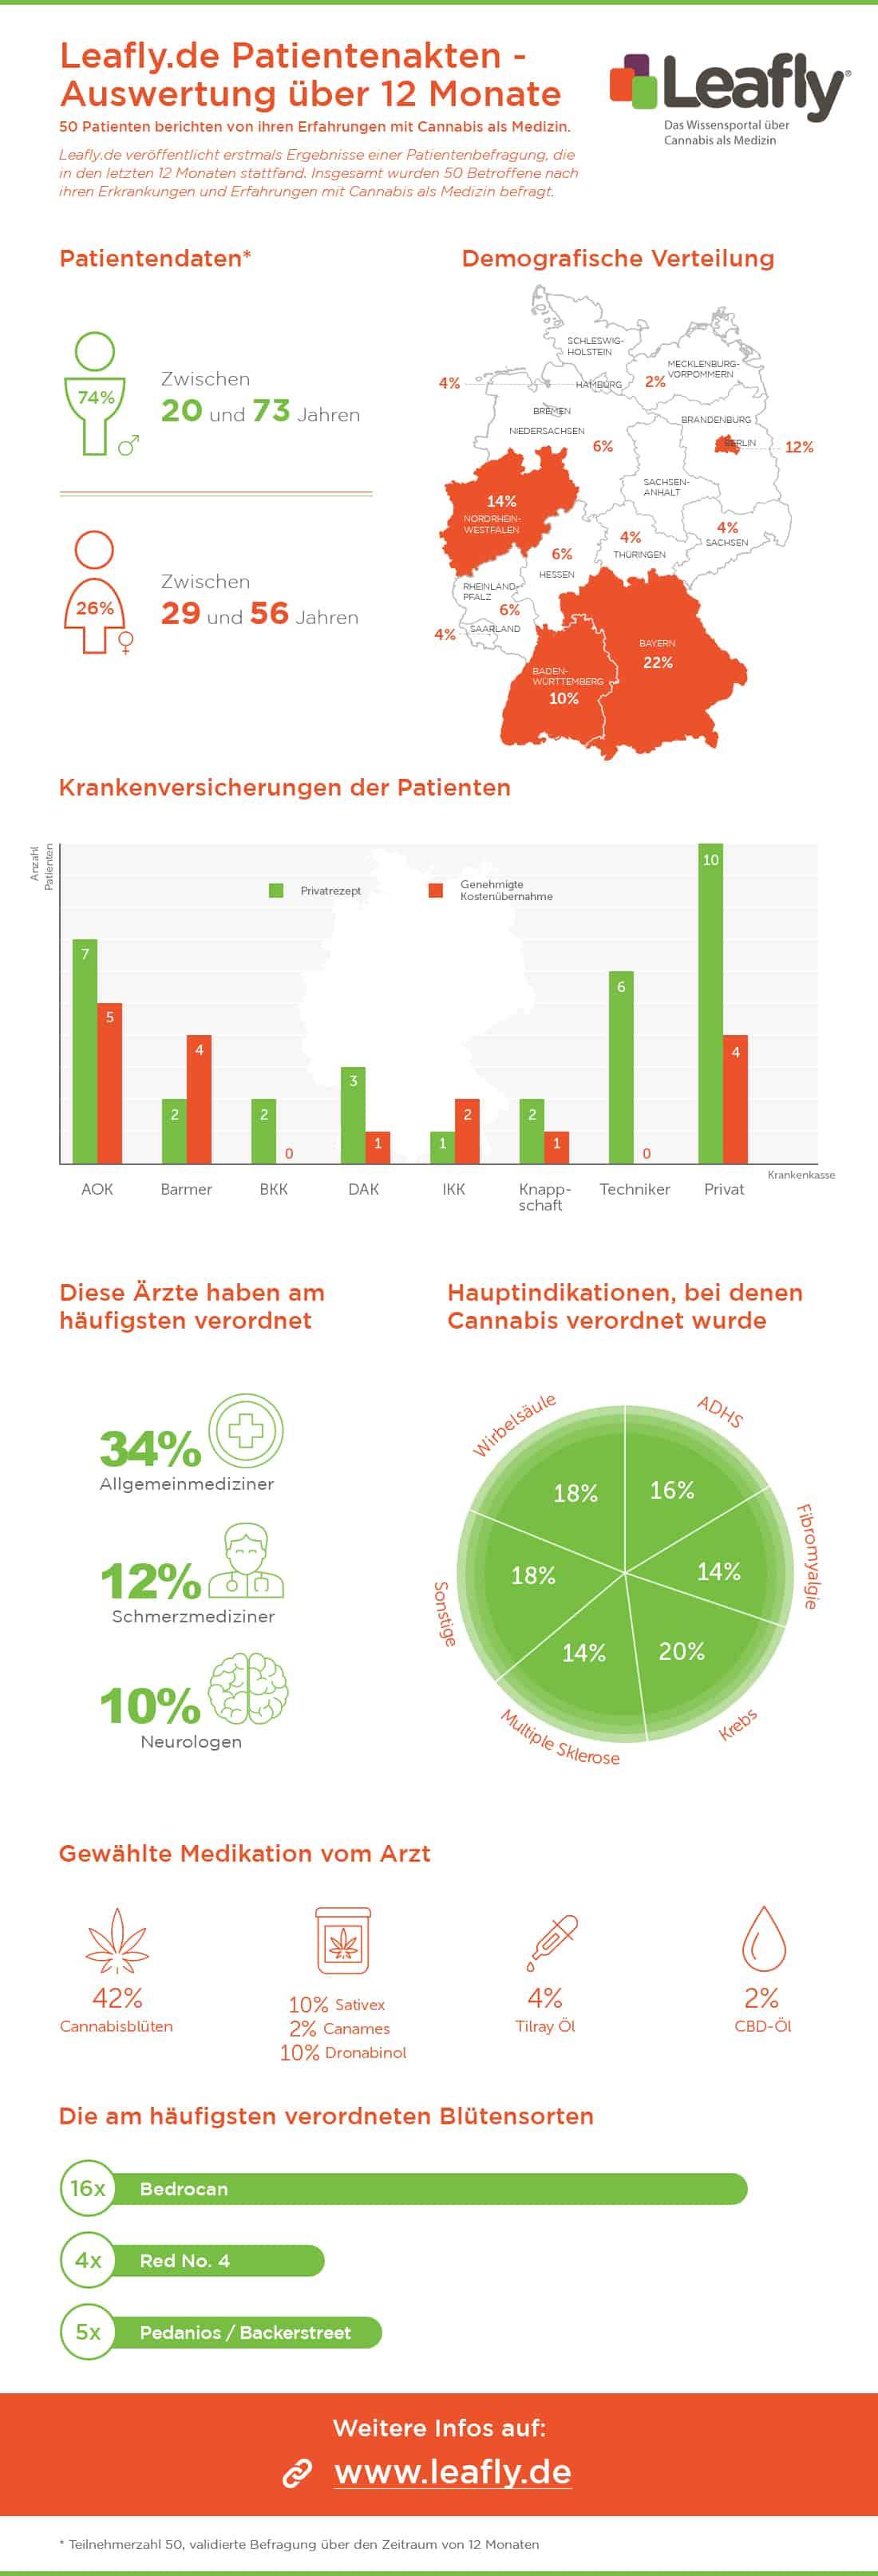 LeaflyDE-Auswertung-Cannabis Patienten Akten